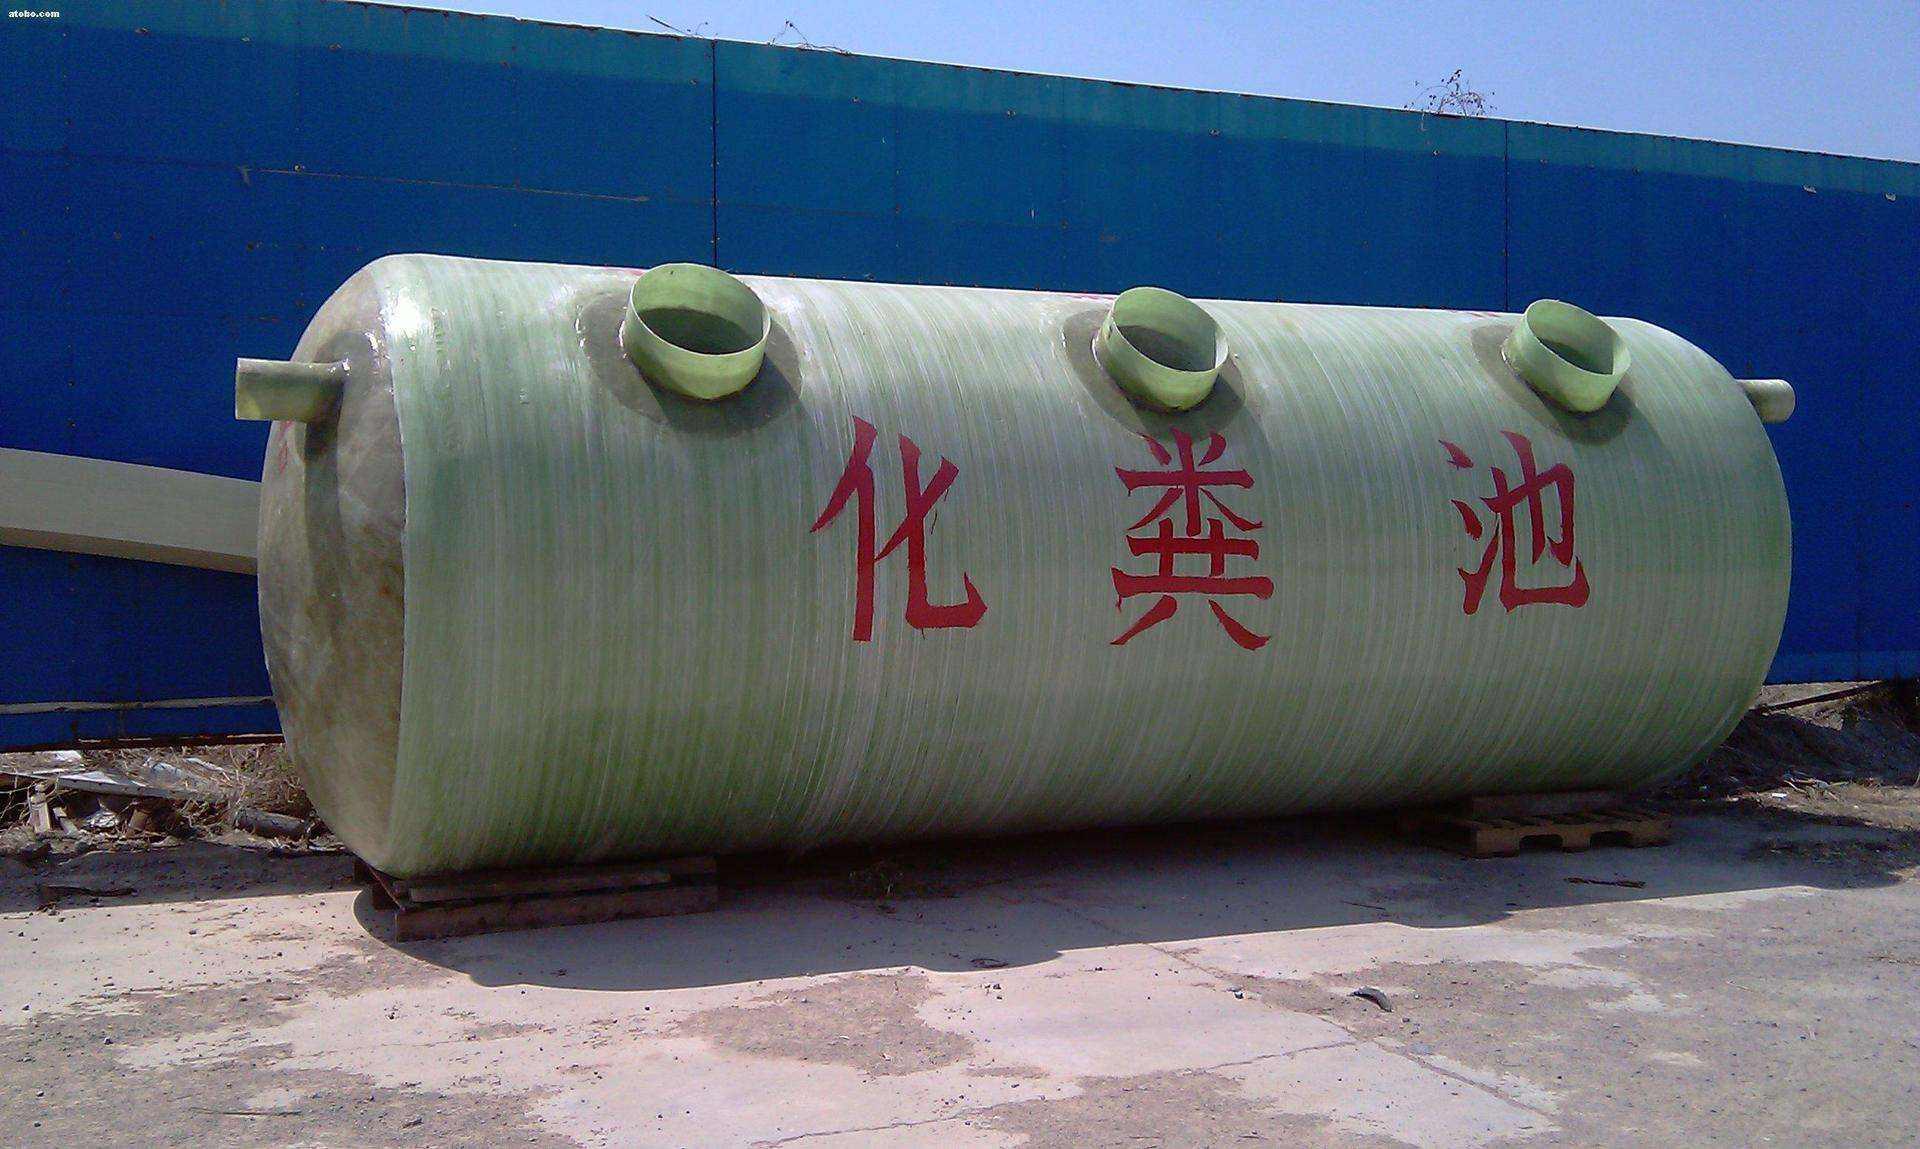 想买优惠的新疆玻璃钢化粪池,就来碧润源节能环保公司,喀什玻璃钢化粪池厂家